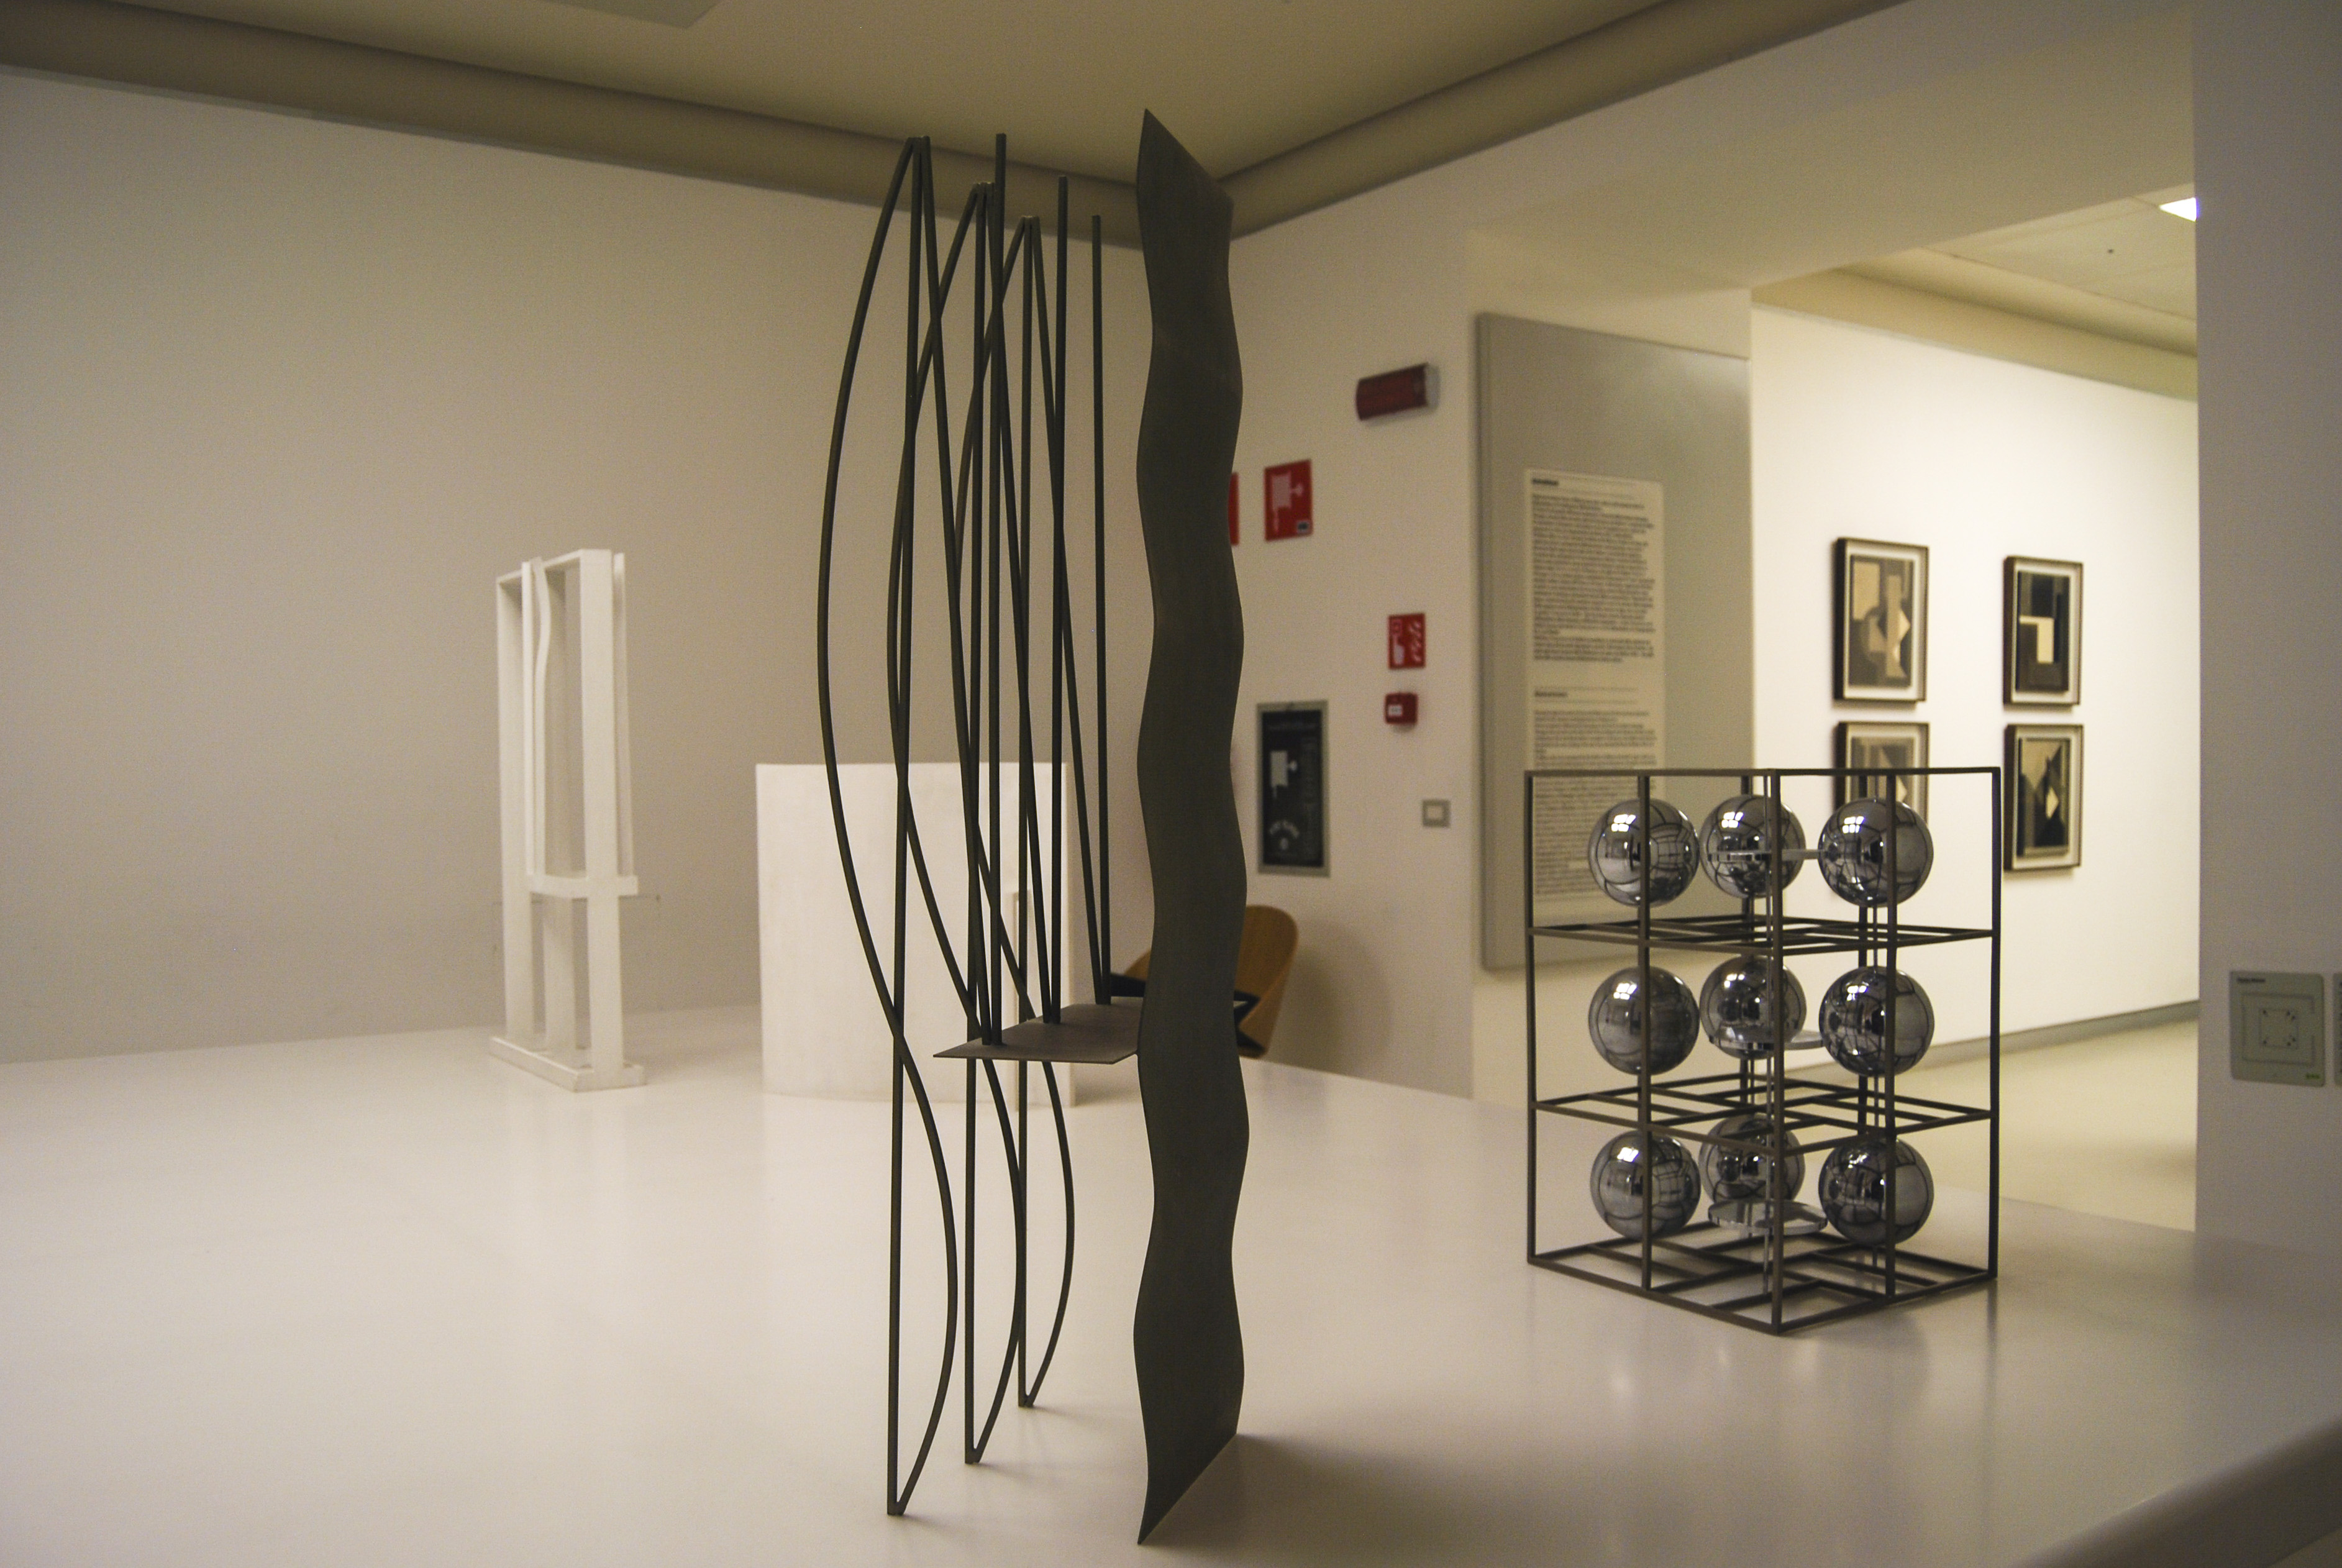 Museo Del 900 Milano.L Evoluzione Artistica Nel Secolo Breve Attraverso Le Opere Del